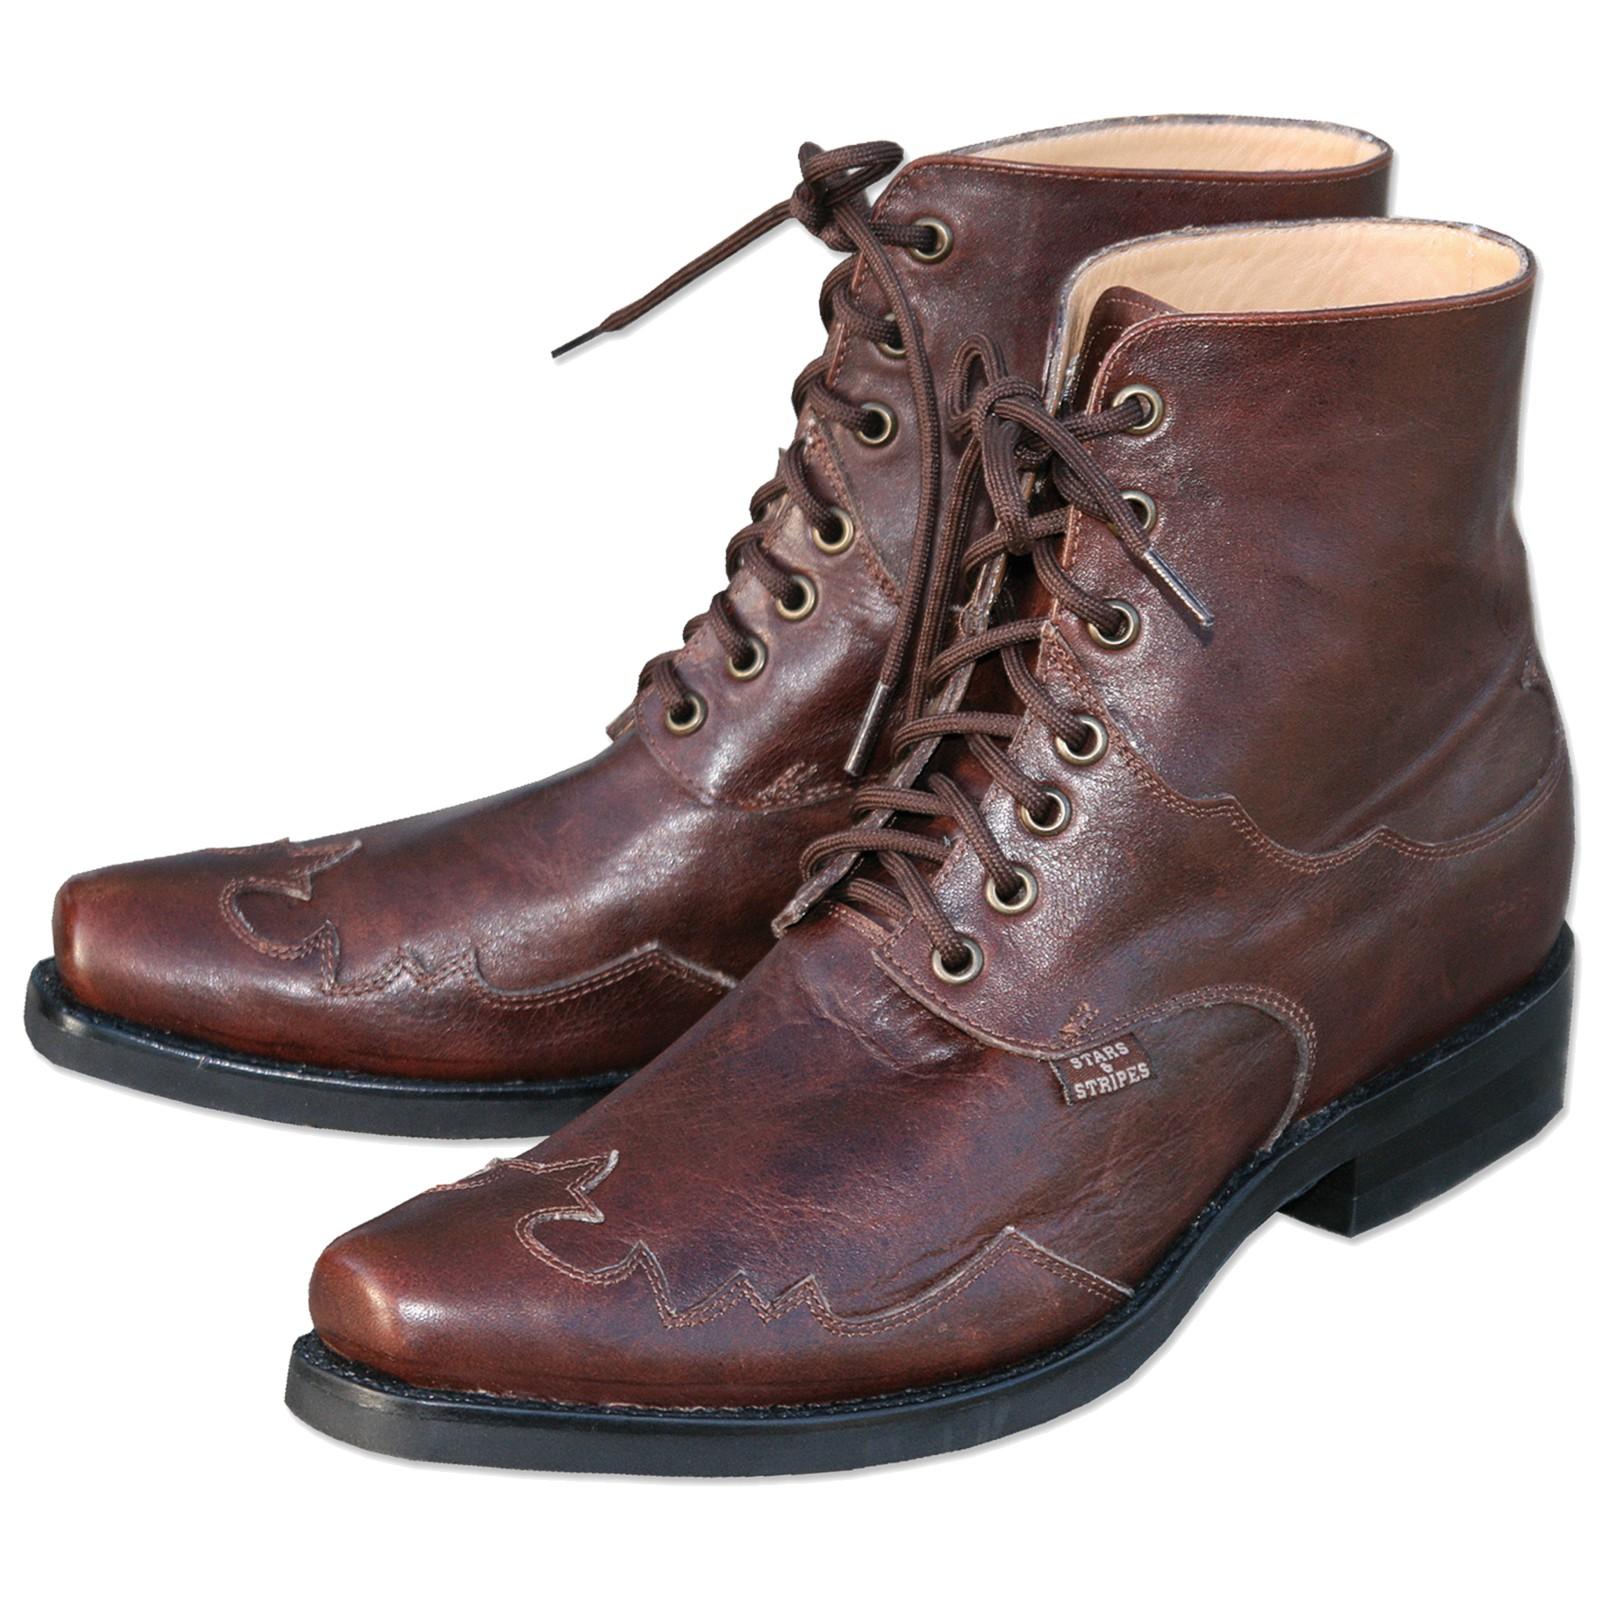 Stars & Stripes Herren Stiefel Western Boots »HENDERSON« Braun